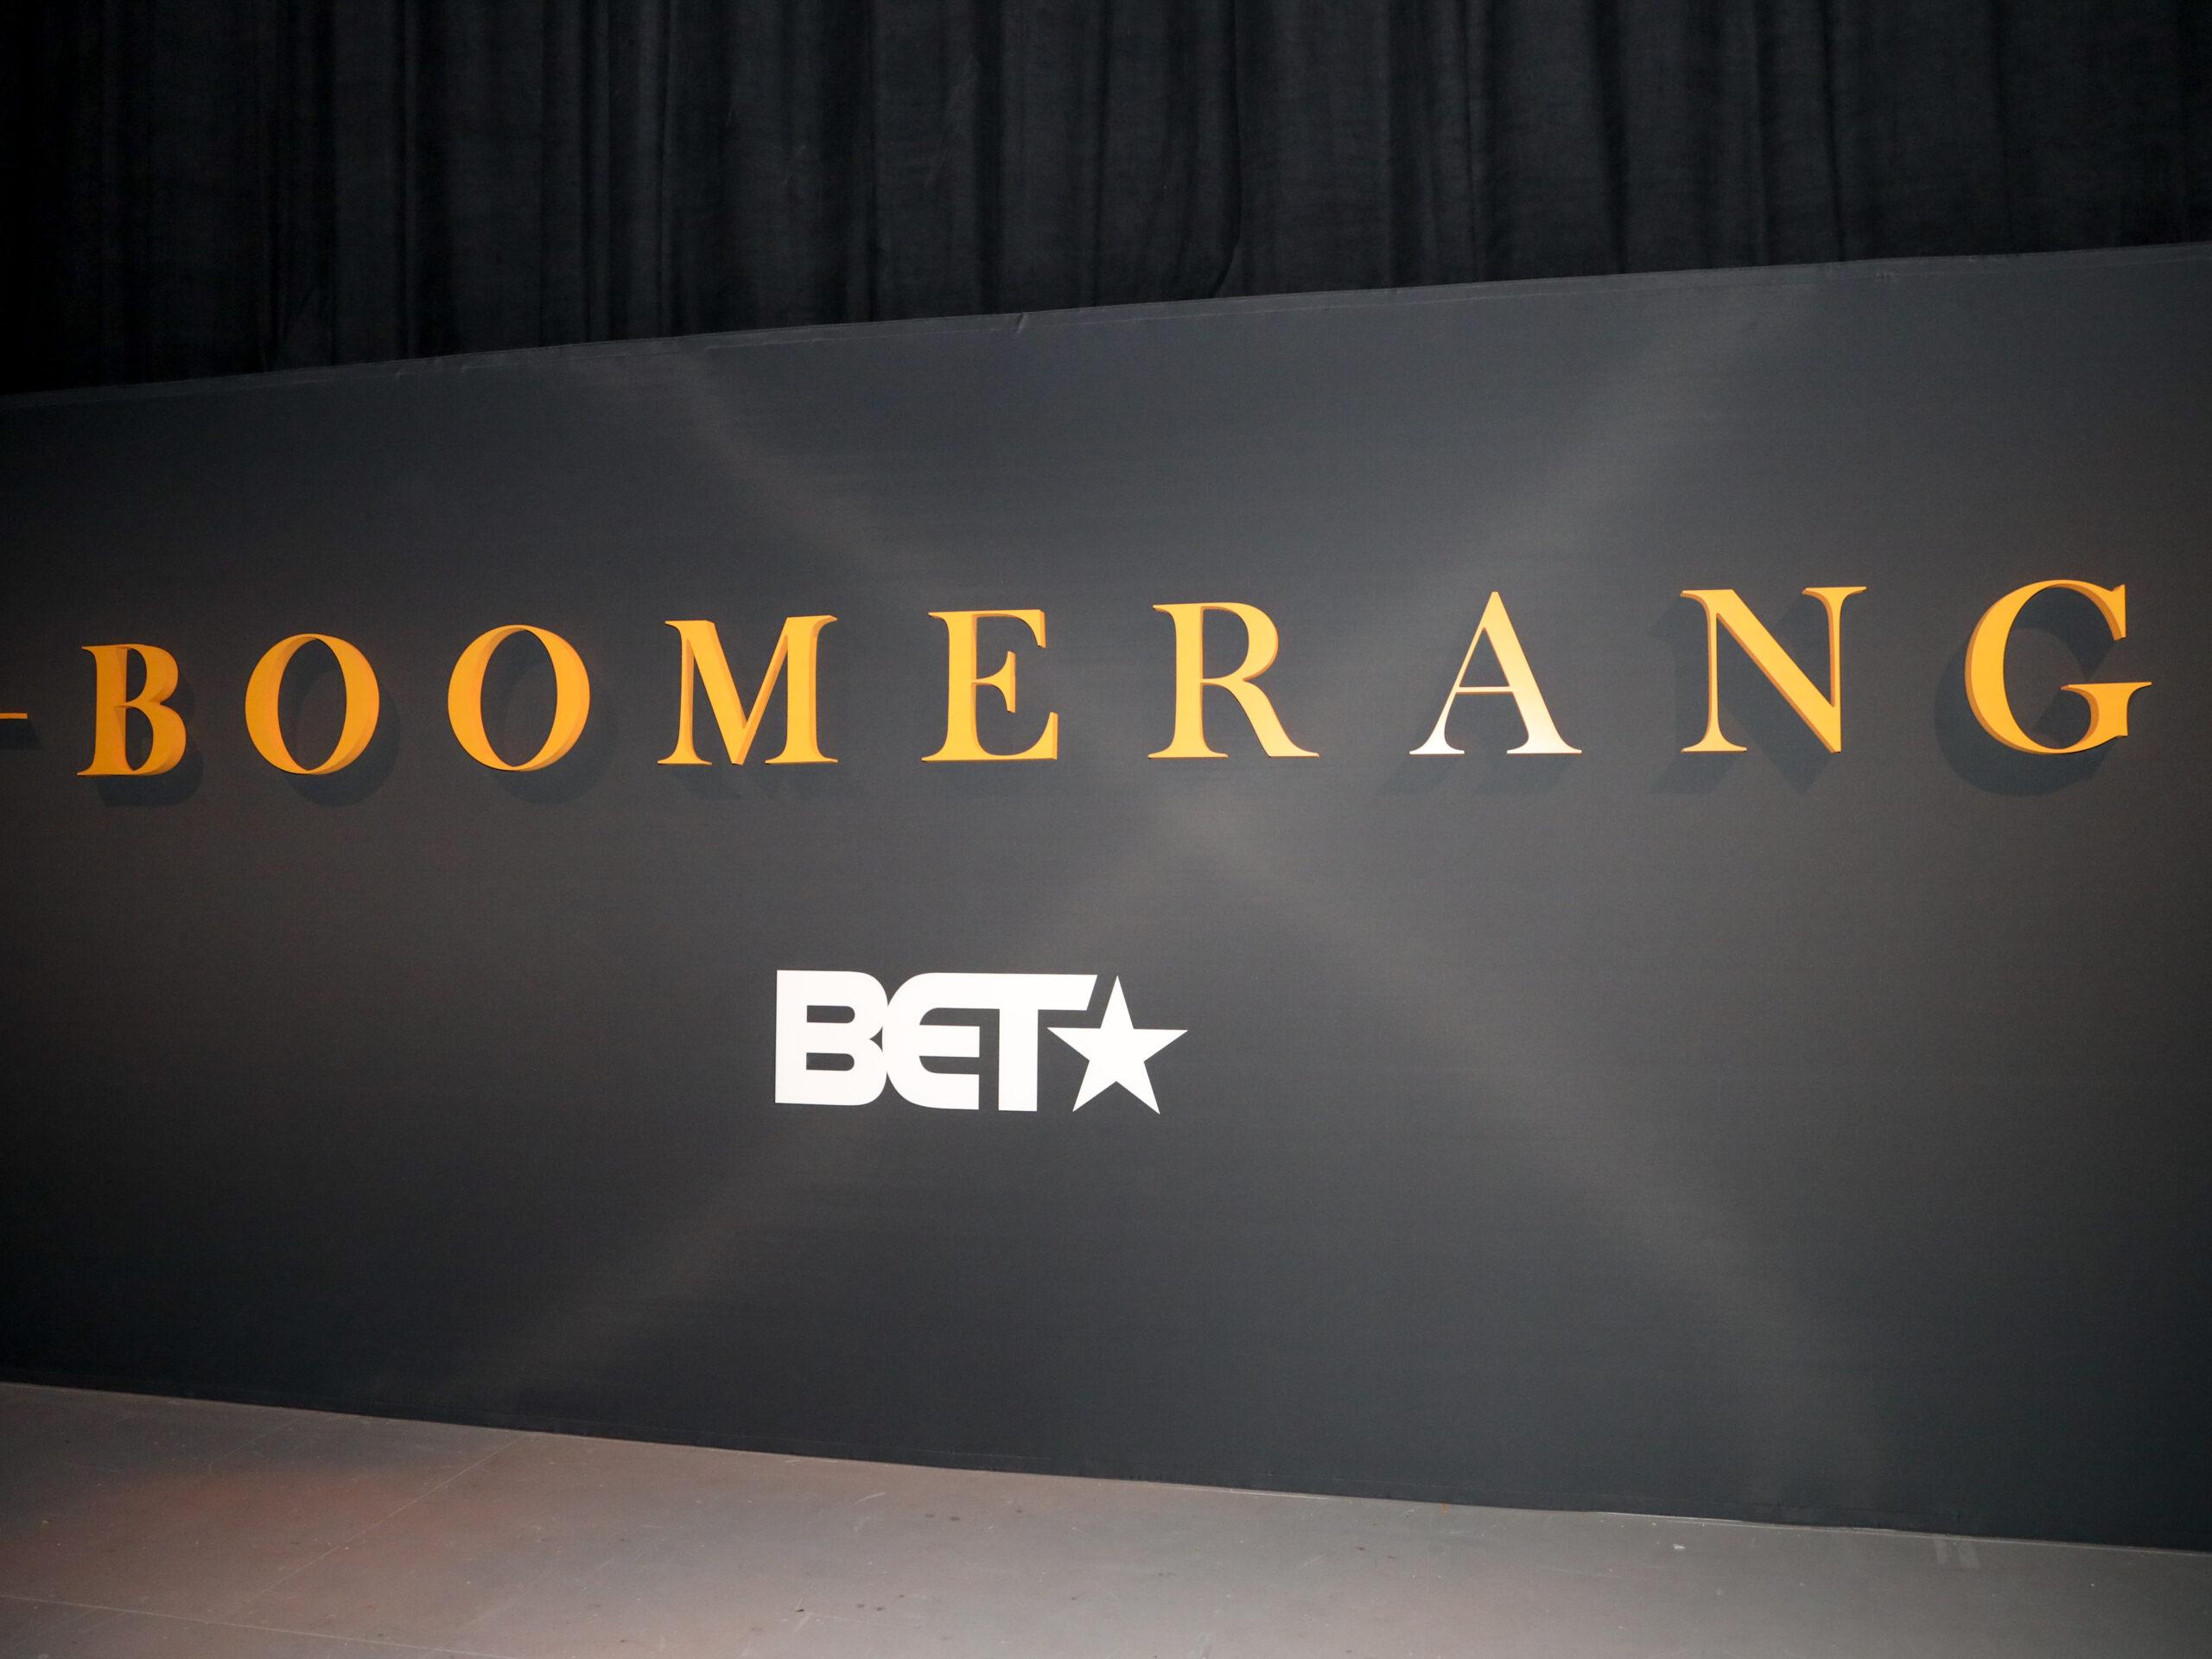 BET & Lena Waithe's Boomerang Season 2 Premiere